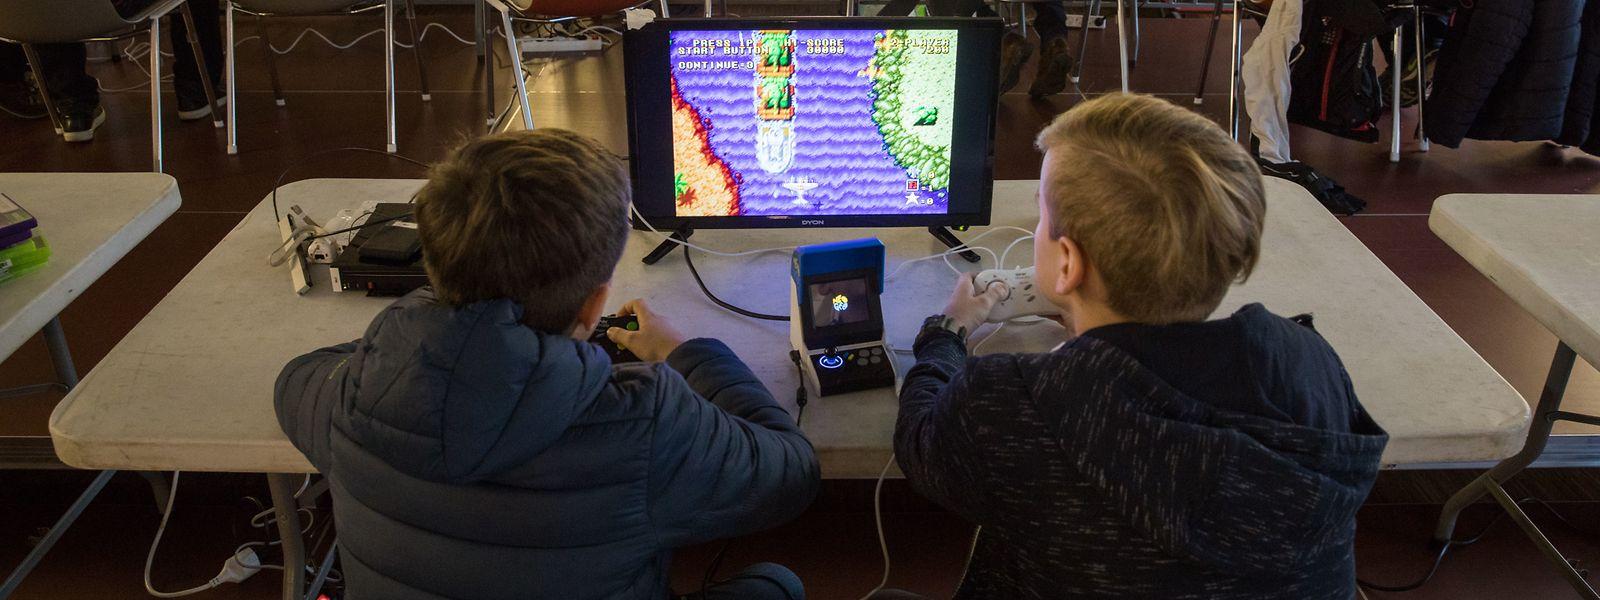 """Computerspiele aber auch klassische Brettspiele - alles das gibt es an diesem Wochenede bei """"Game on - 'Lëtzebuerg spillt!"""""""